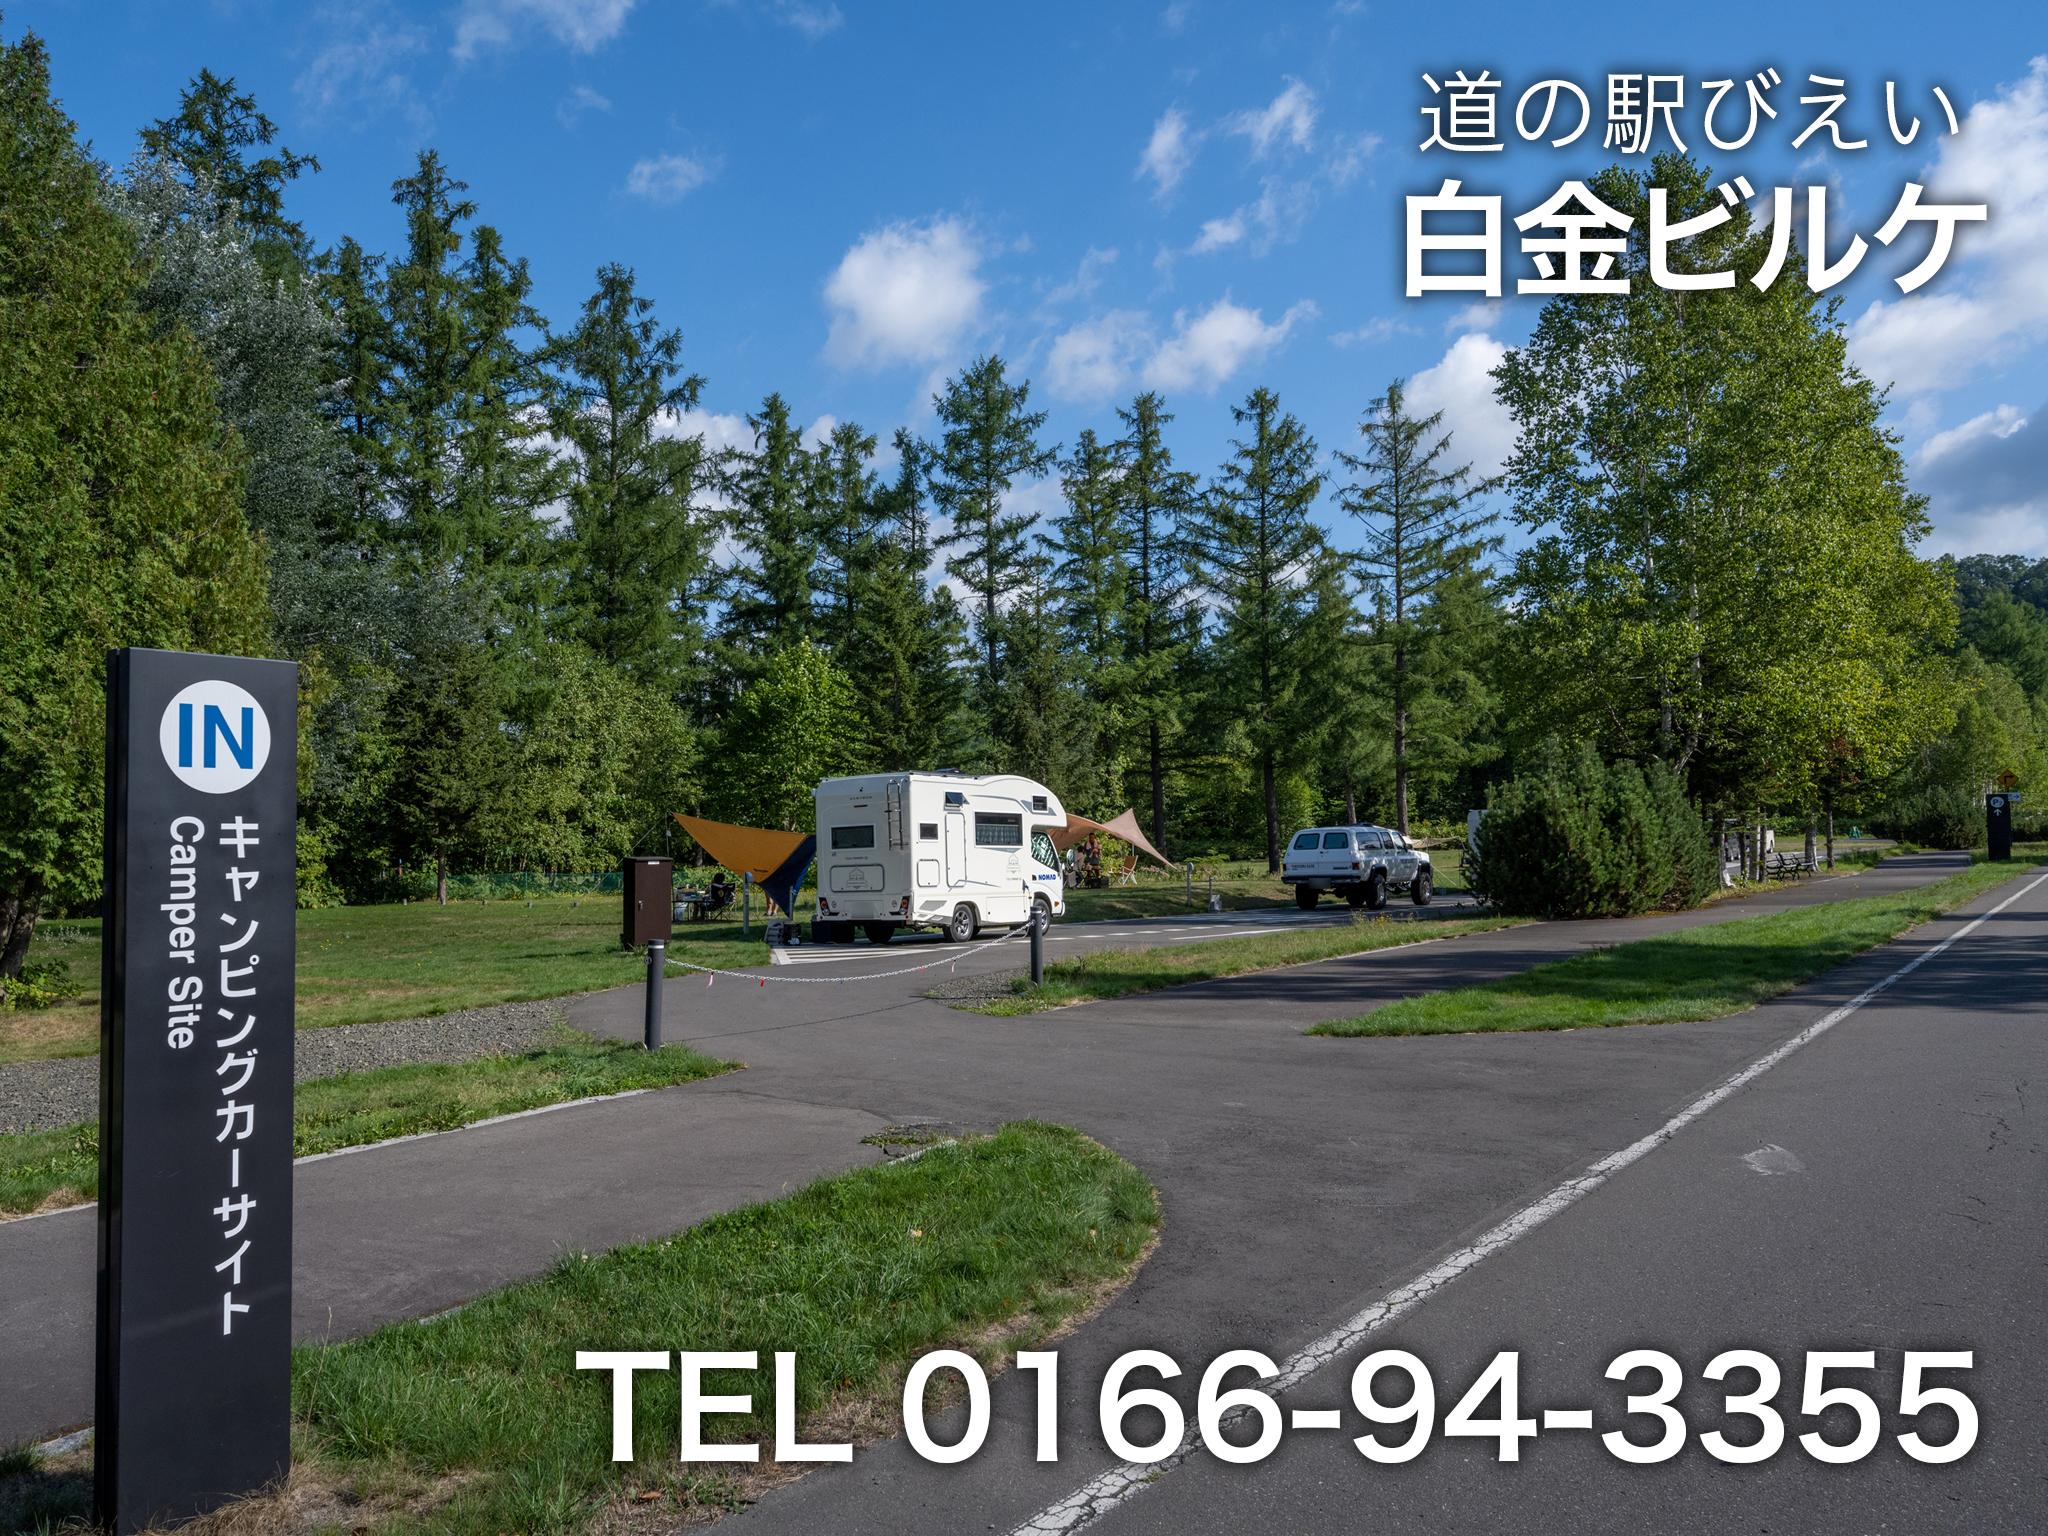 道の駅びえい「白金ビルケ」キャンピングカーサイト